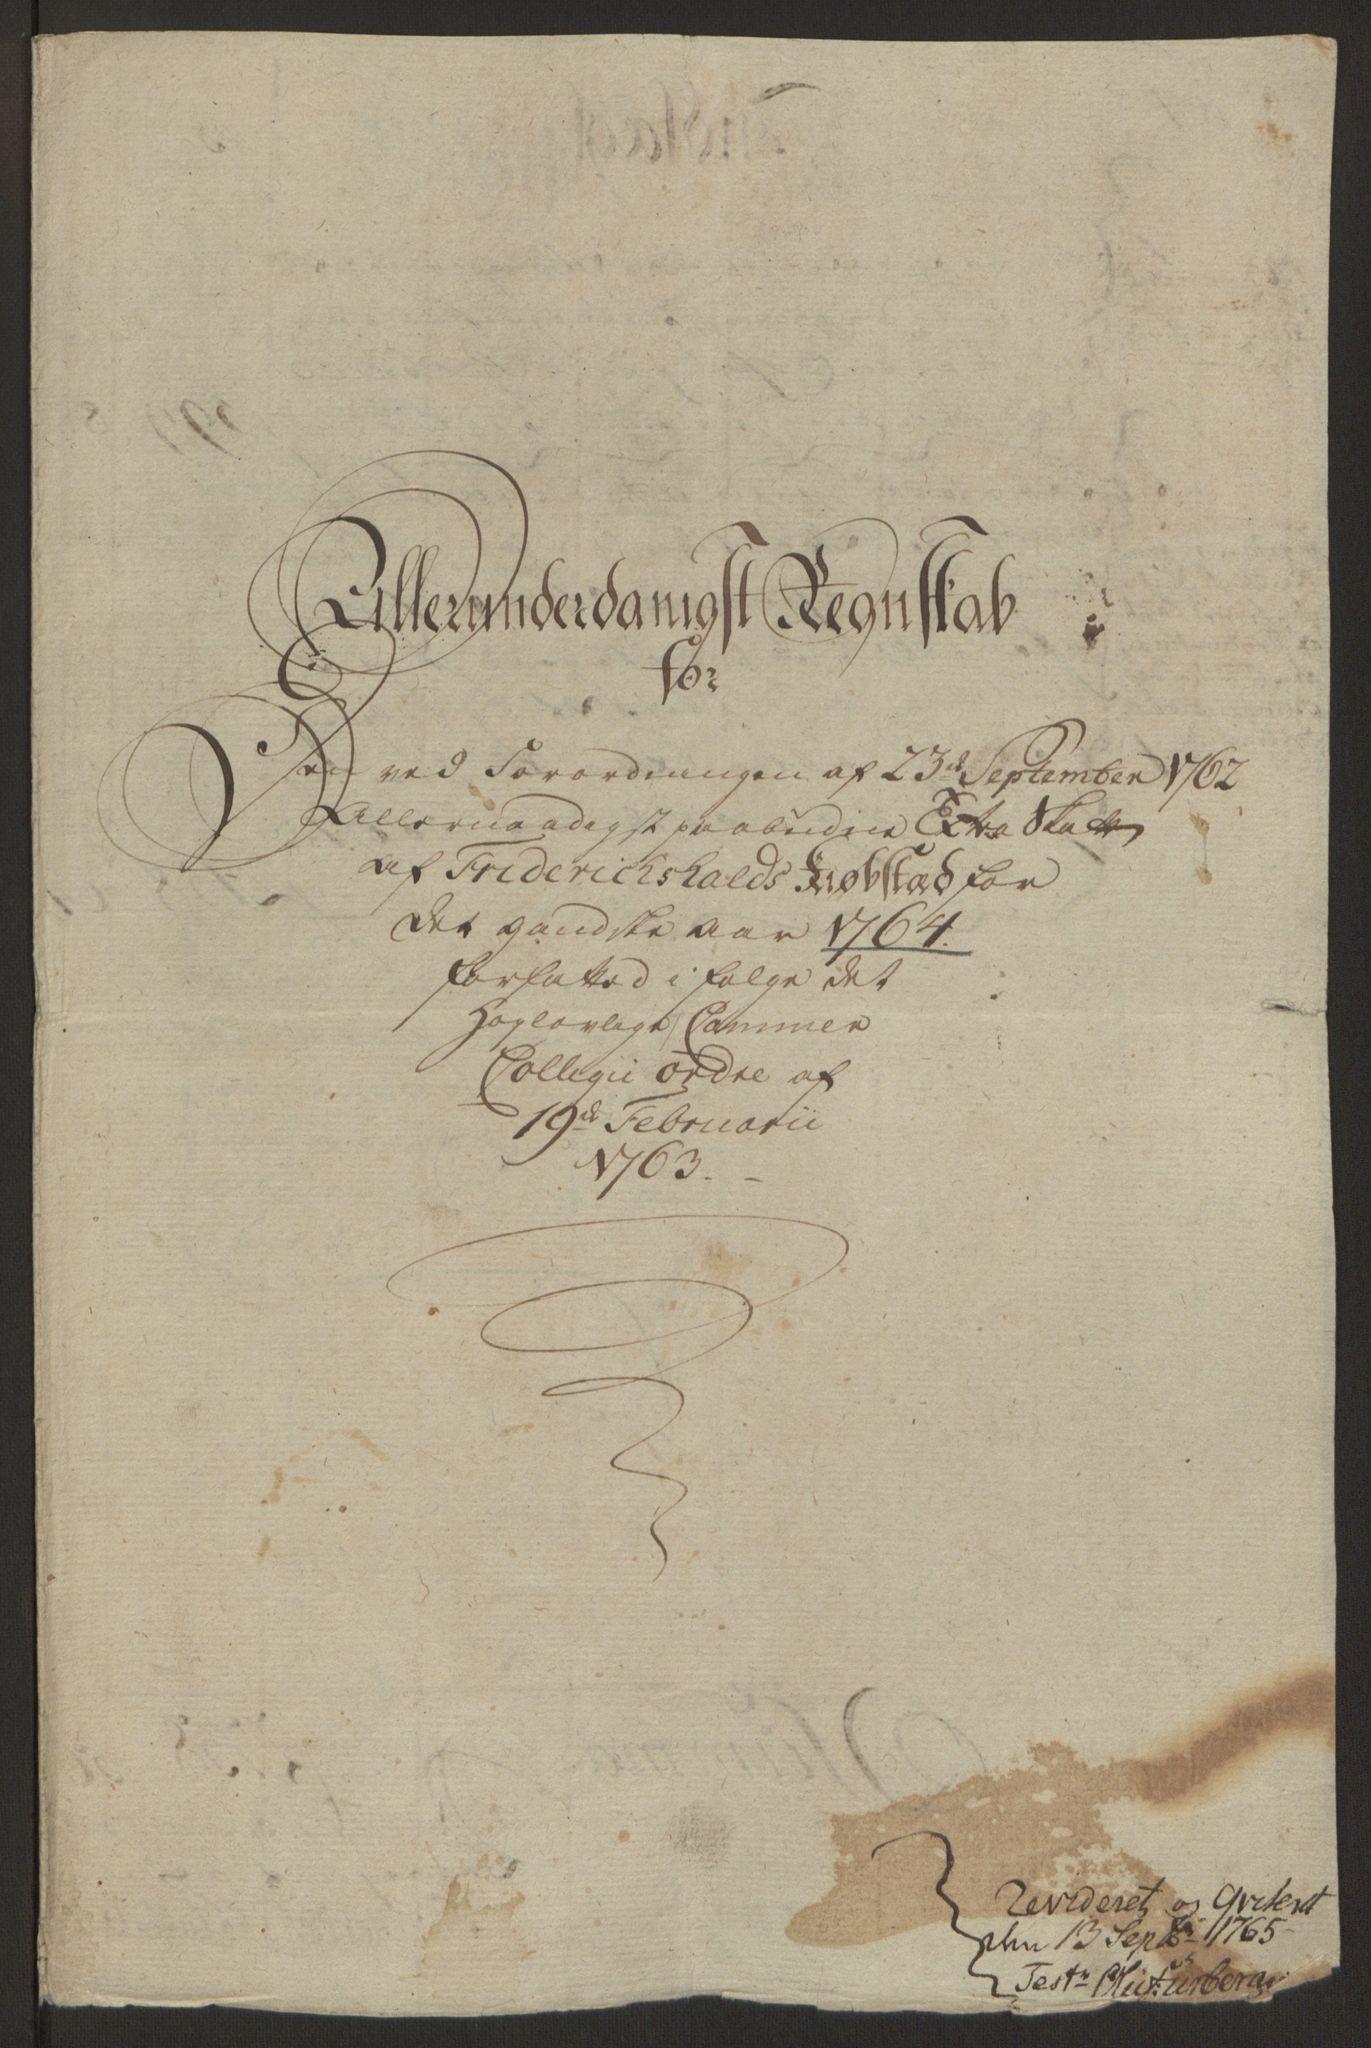 RA, Rentekammeret inntil 1814, Reviderte regnskaper, Byregnskaper, R/Ra/L0006: [A4] Kontribusjonsregnskap, 1762-1772, s. 110